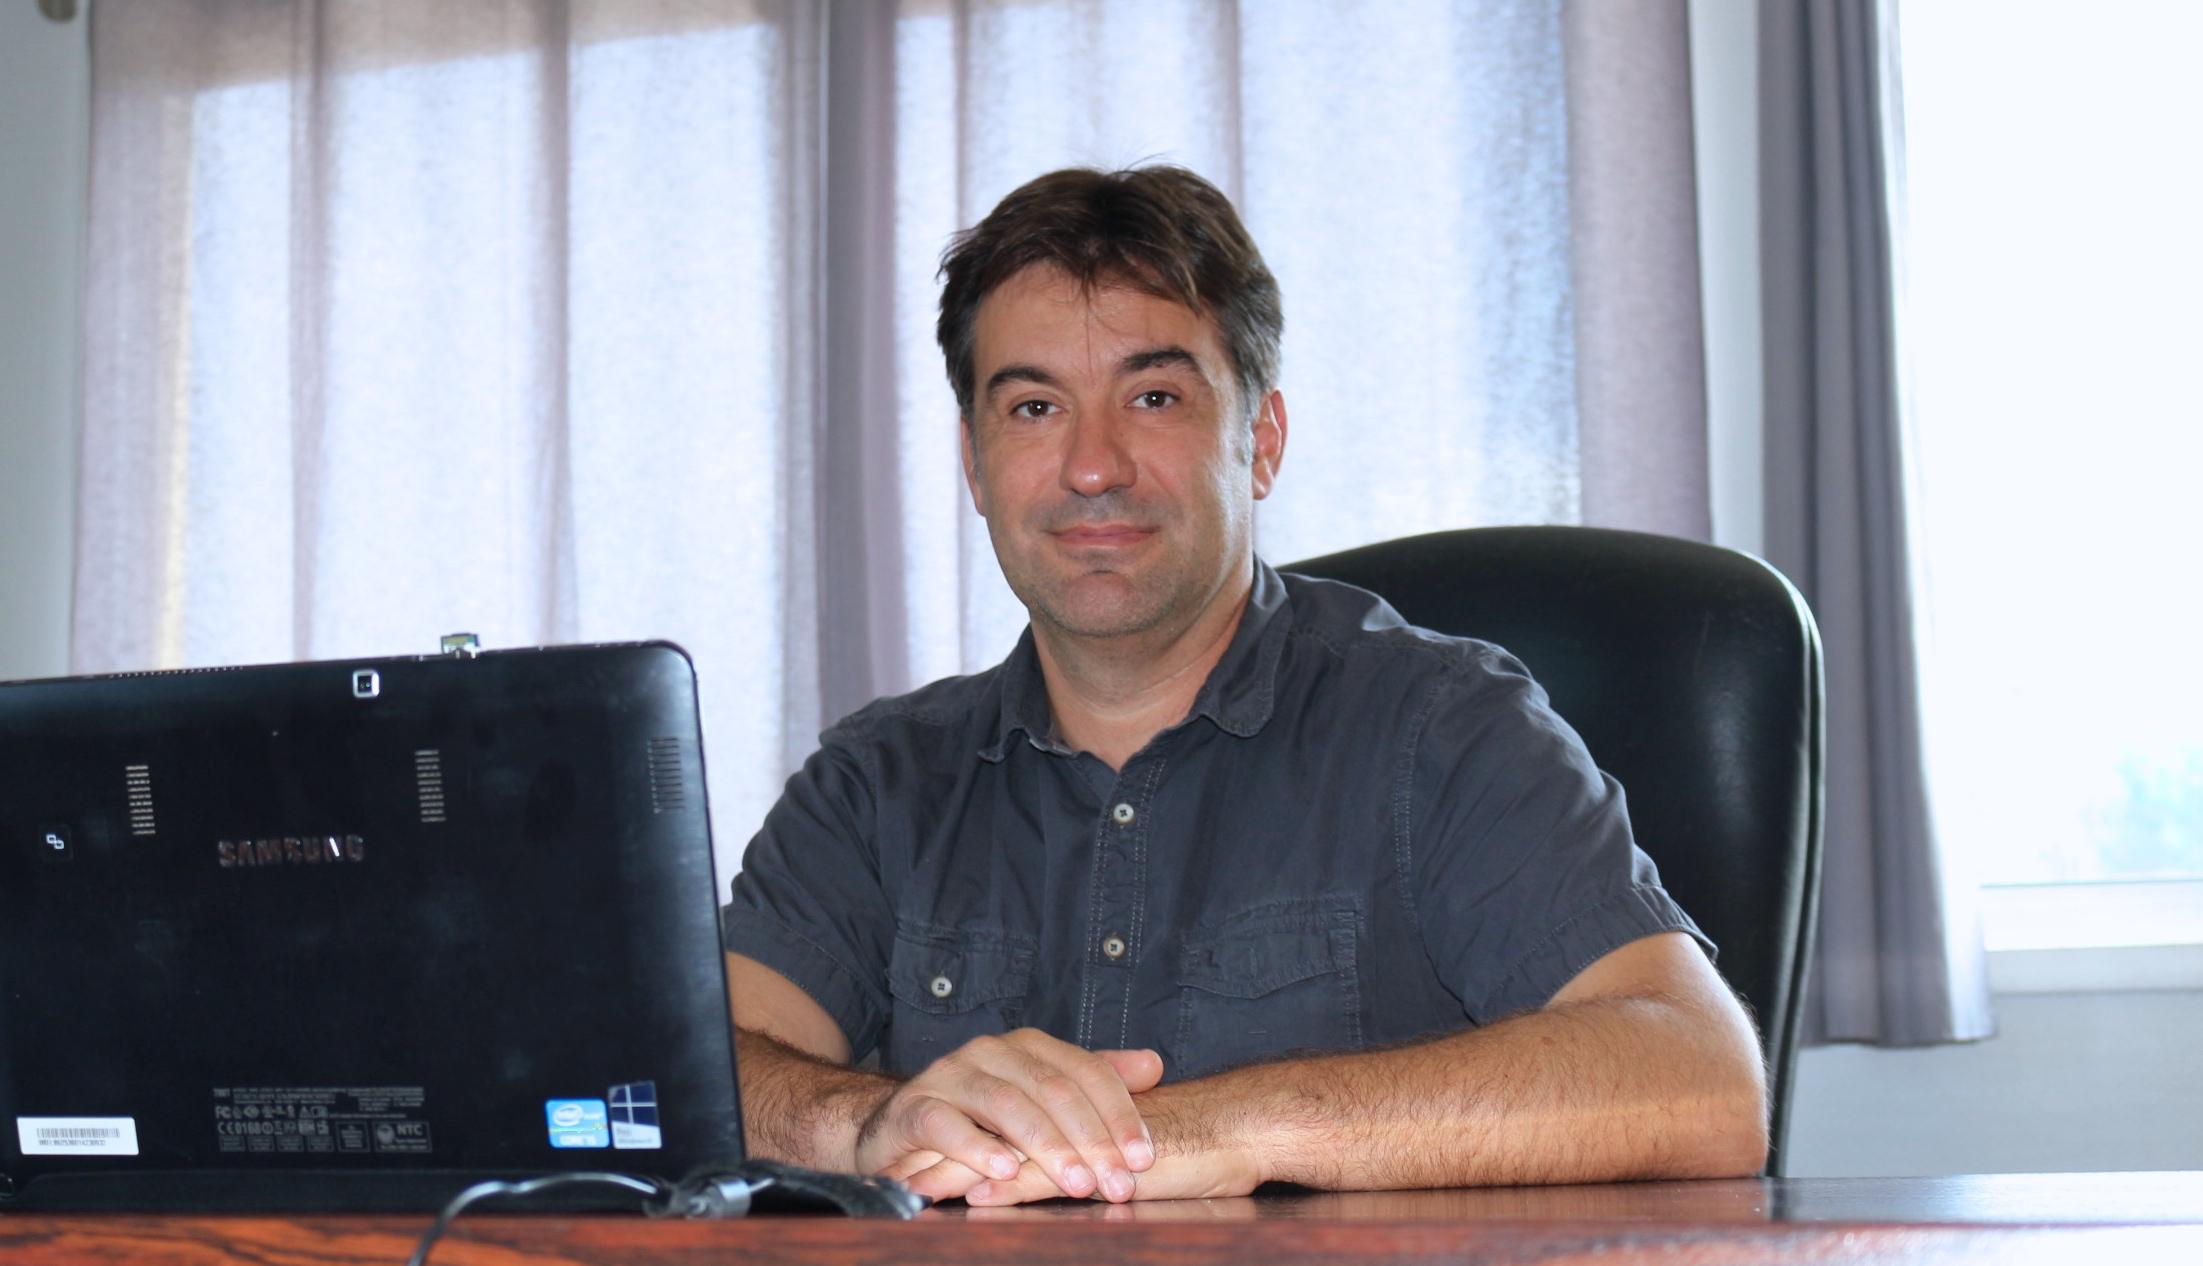 Philippe Moranne, Dirigeant Intraterra